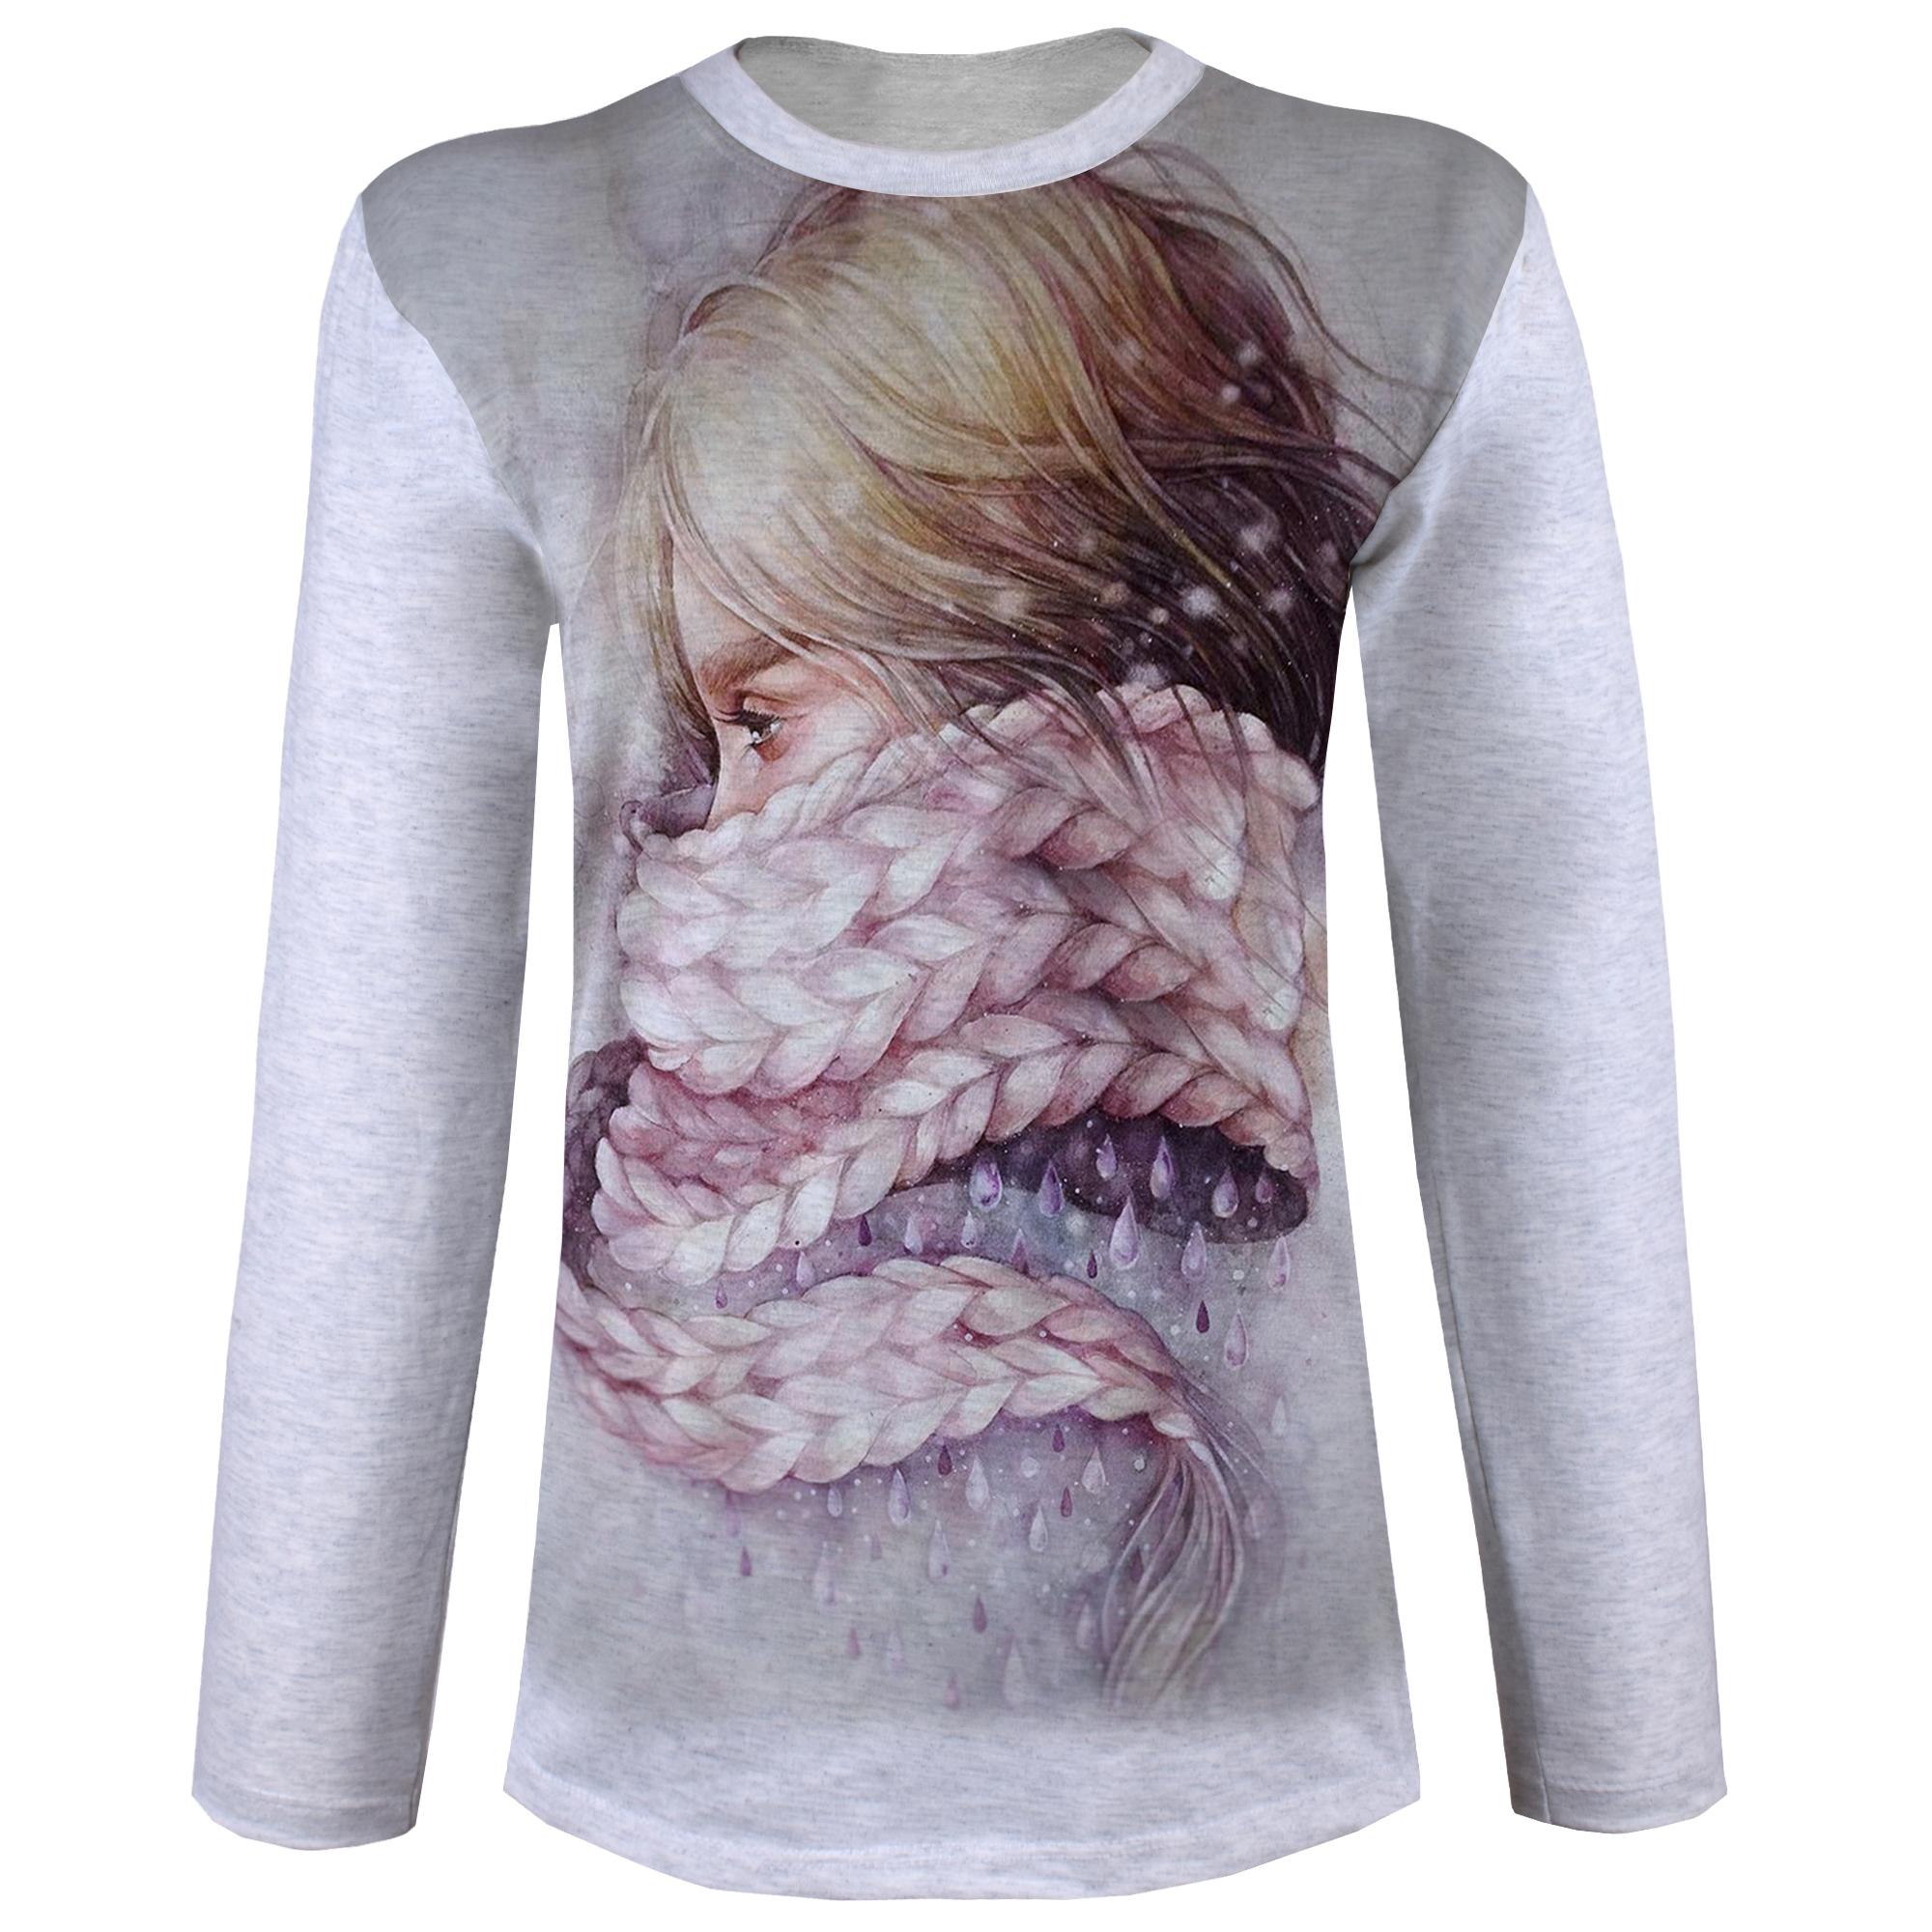 تصویر تی شرت آستین بلند زنانه کد M04